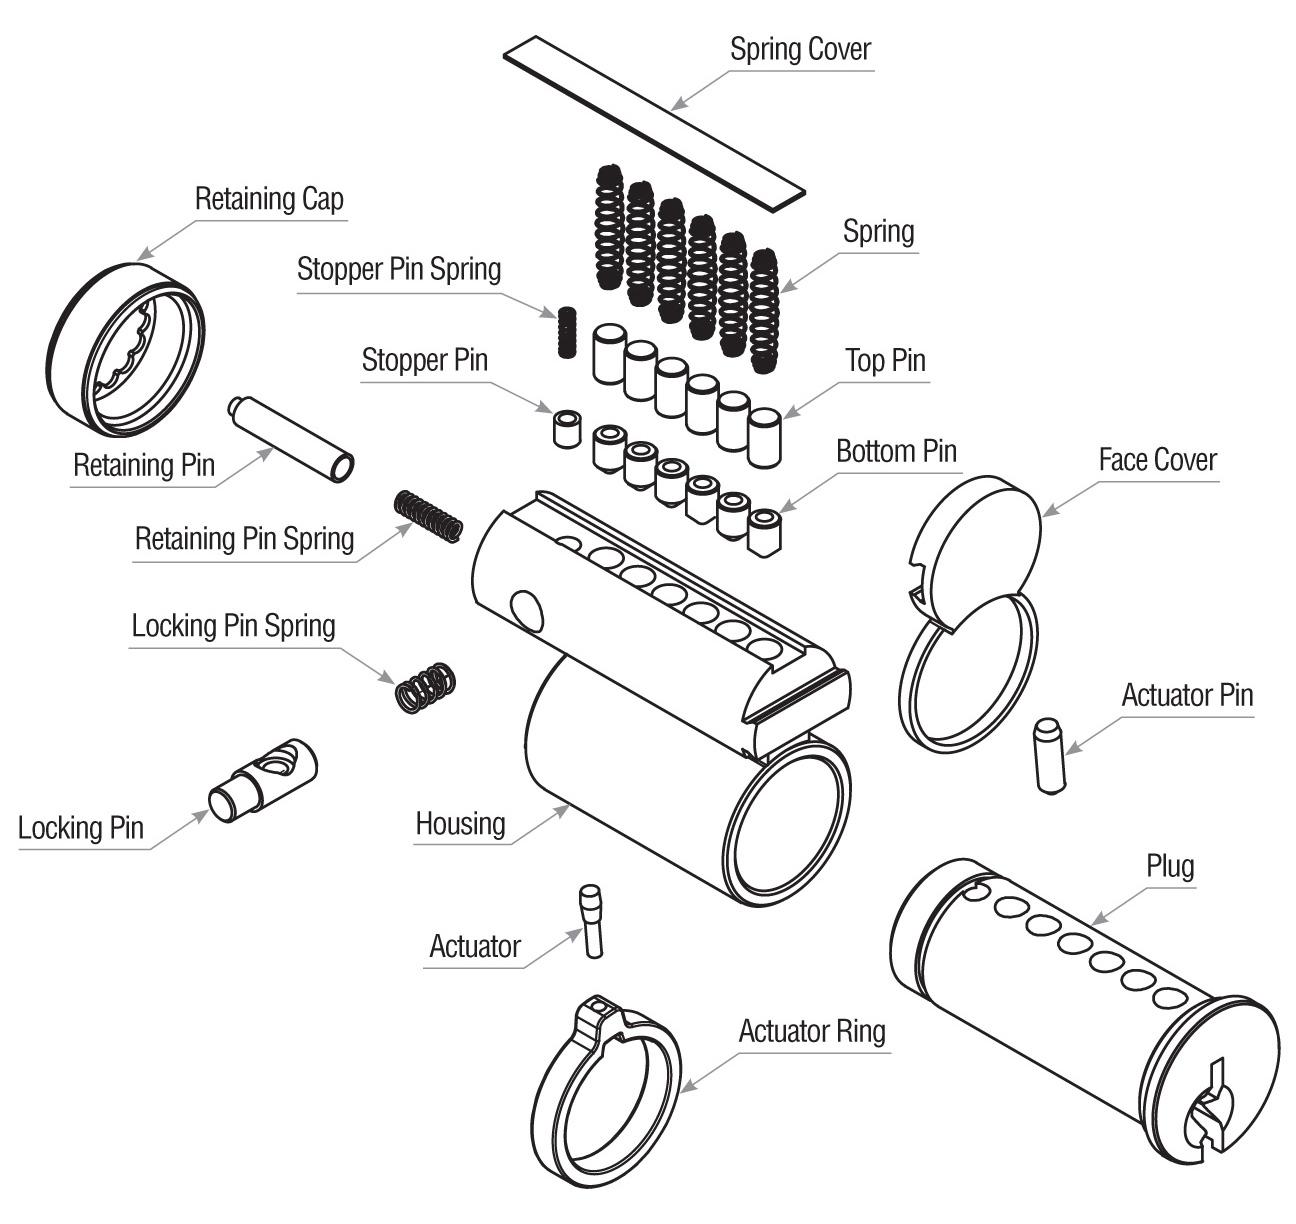 schlage ps902 wiring diagram